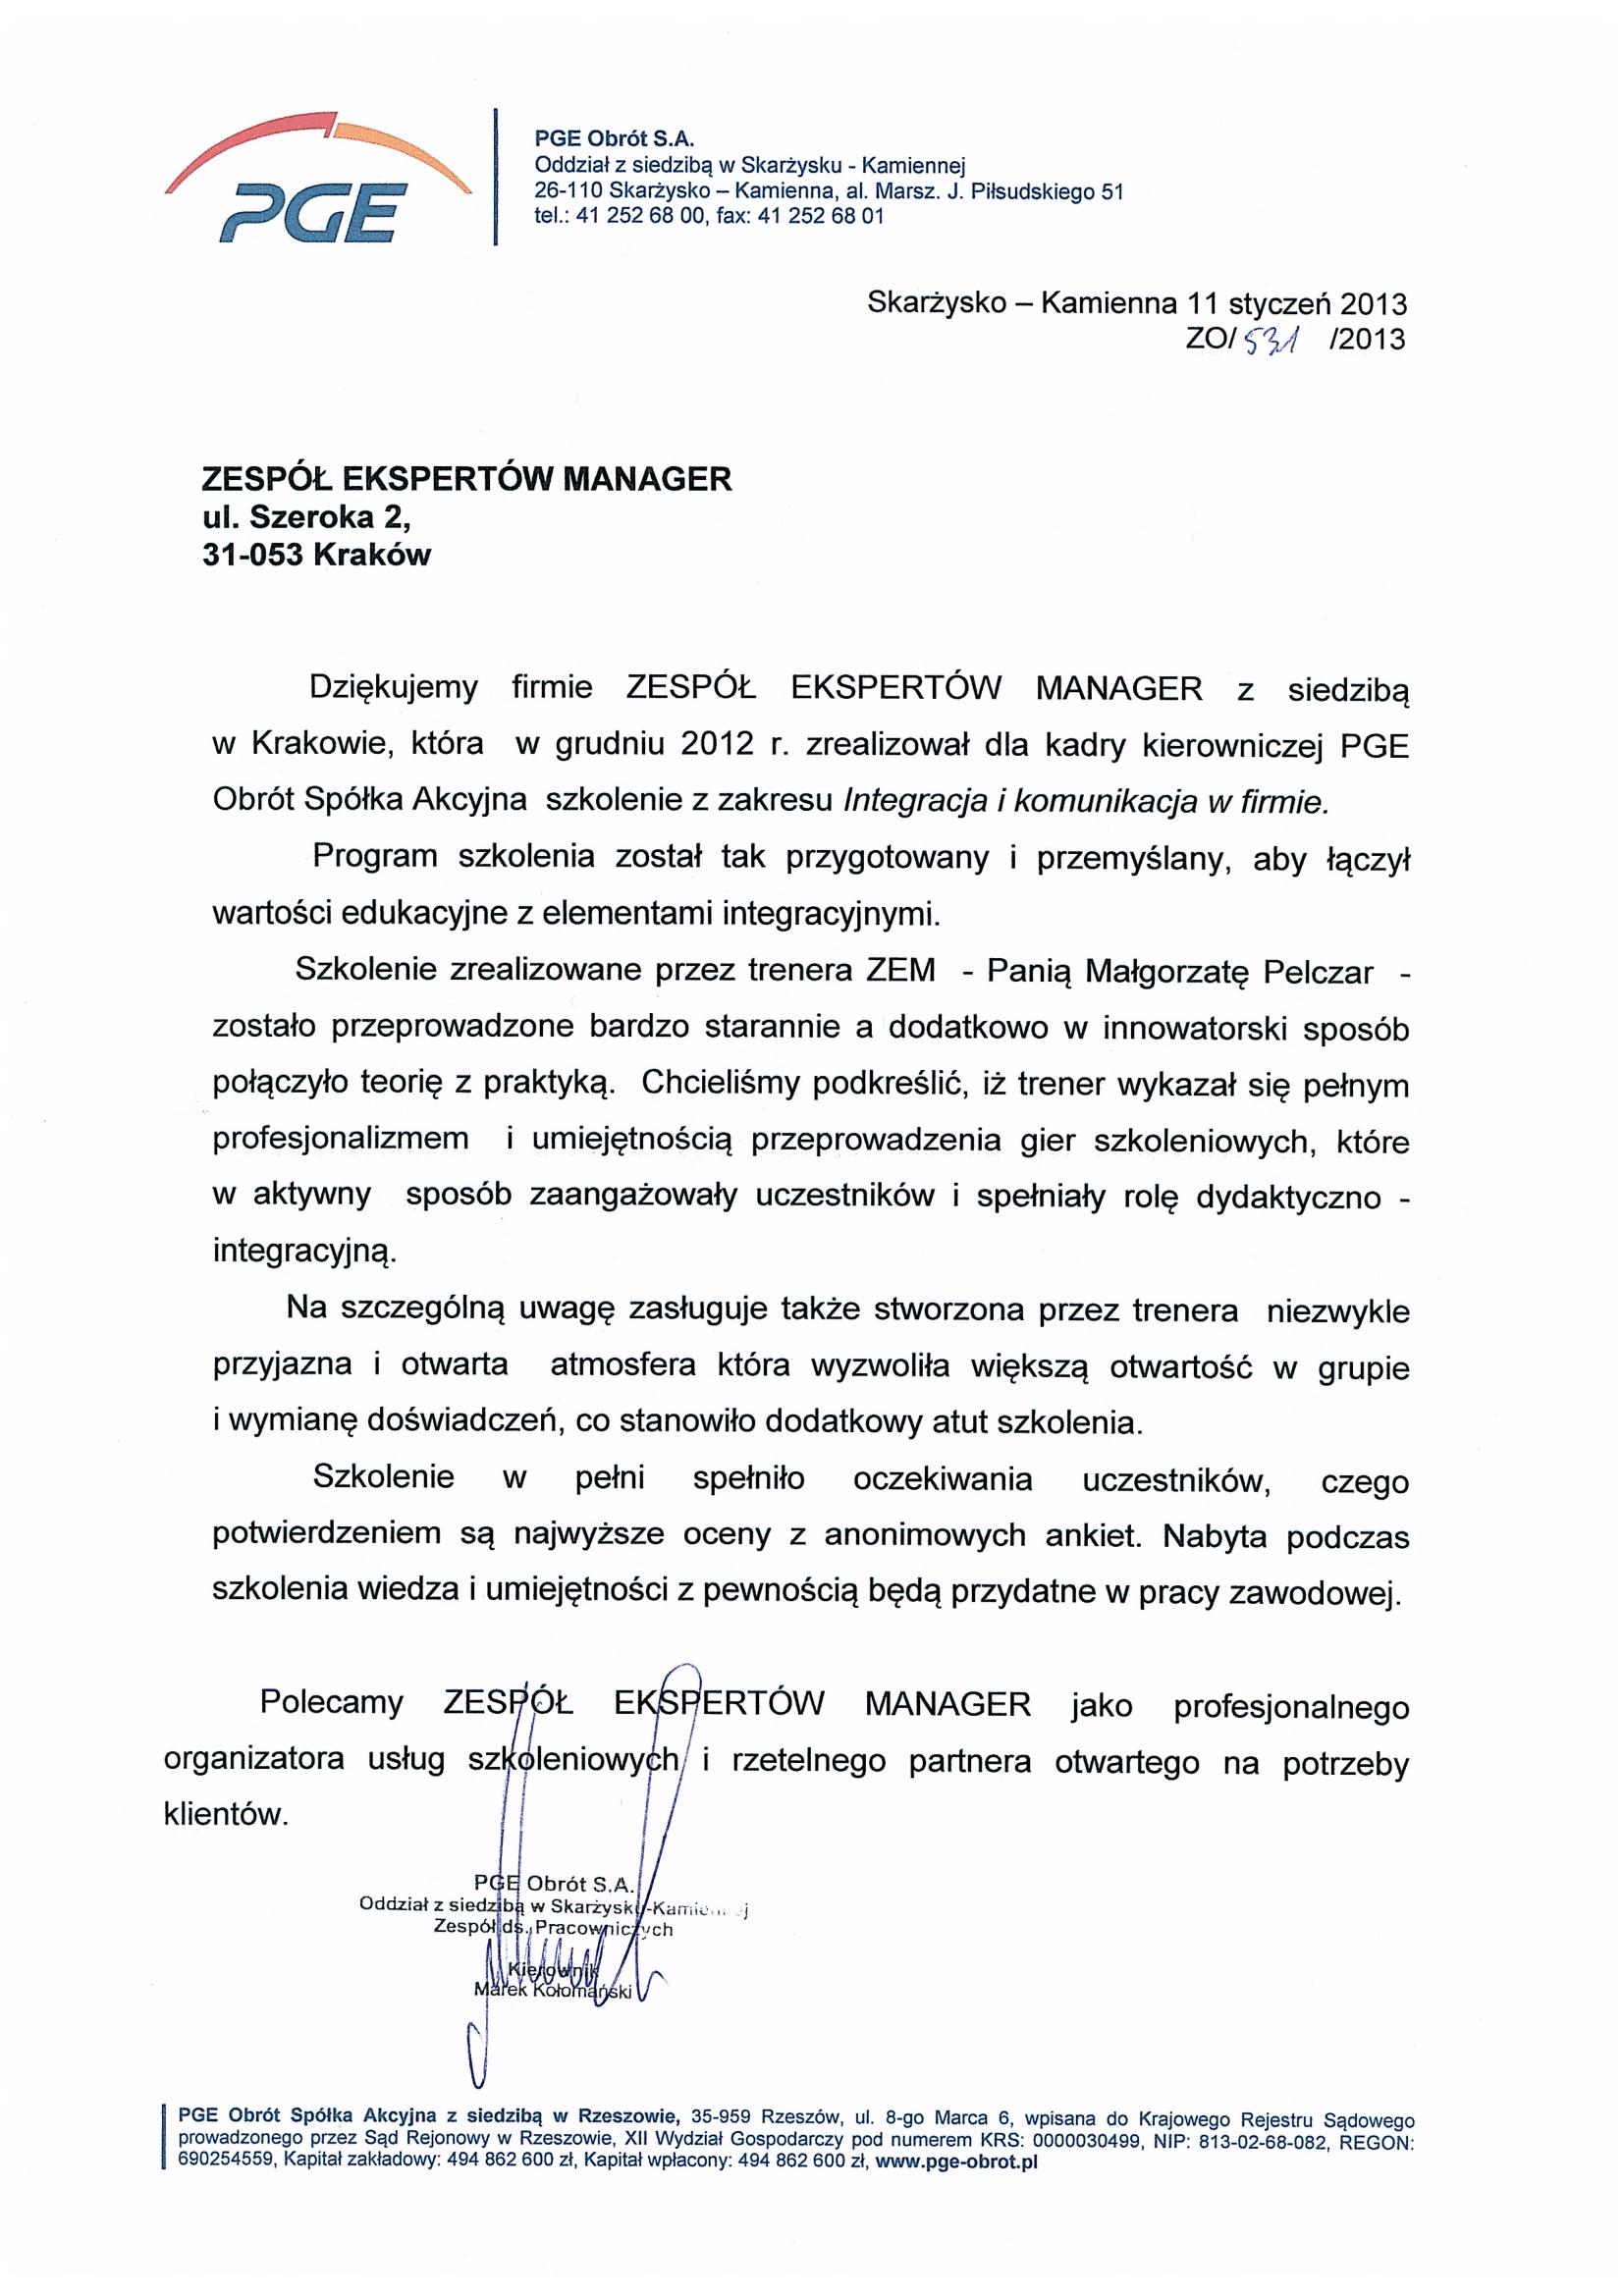 PGE OBRÓT S.A. (szkolenie)